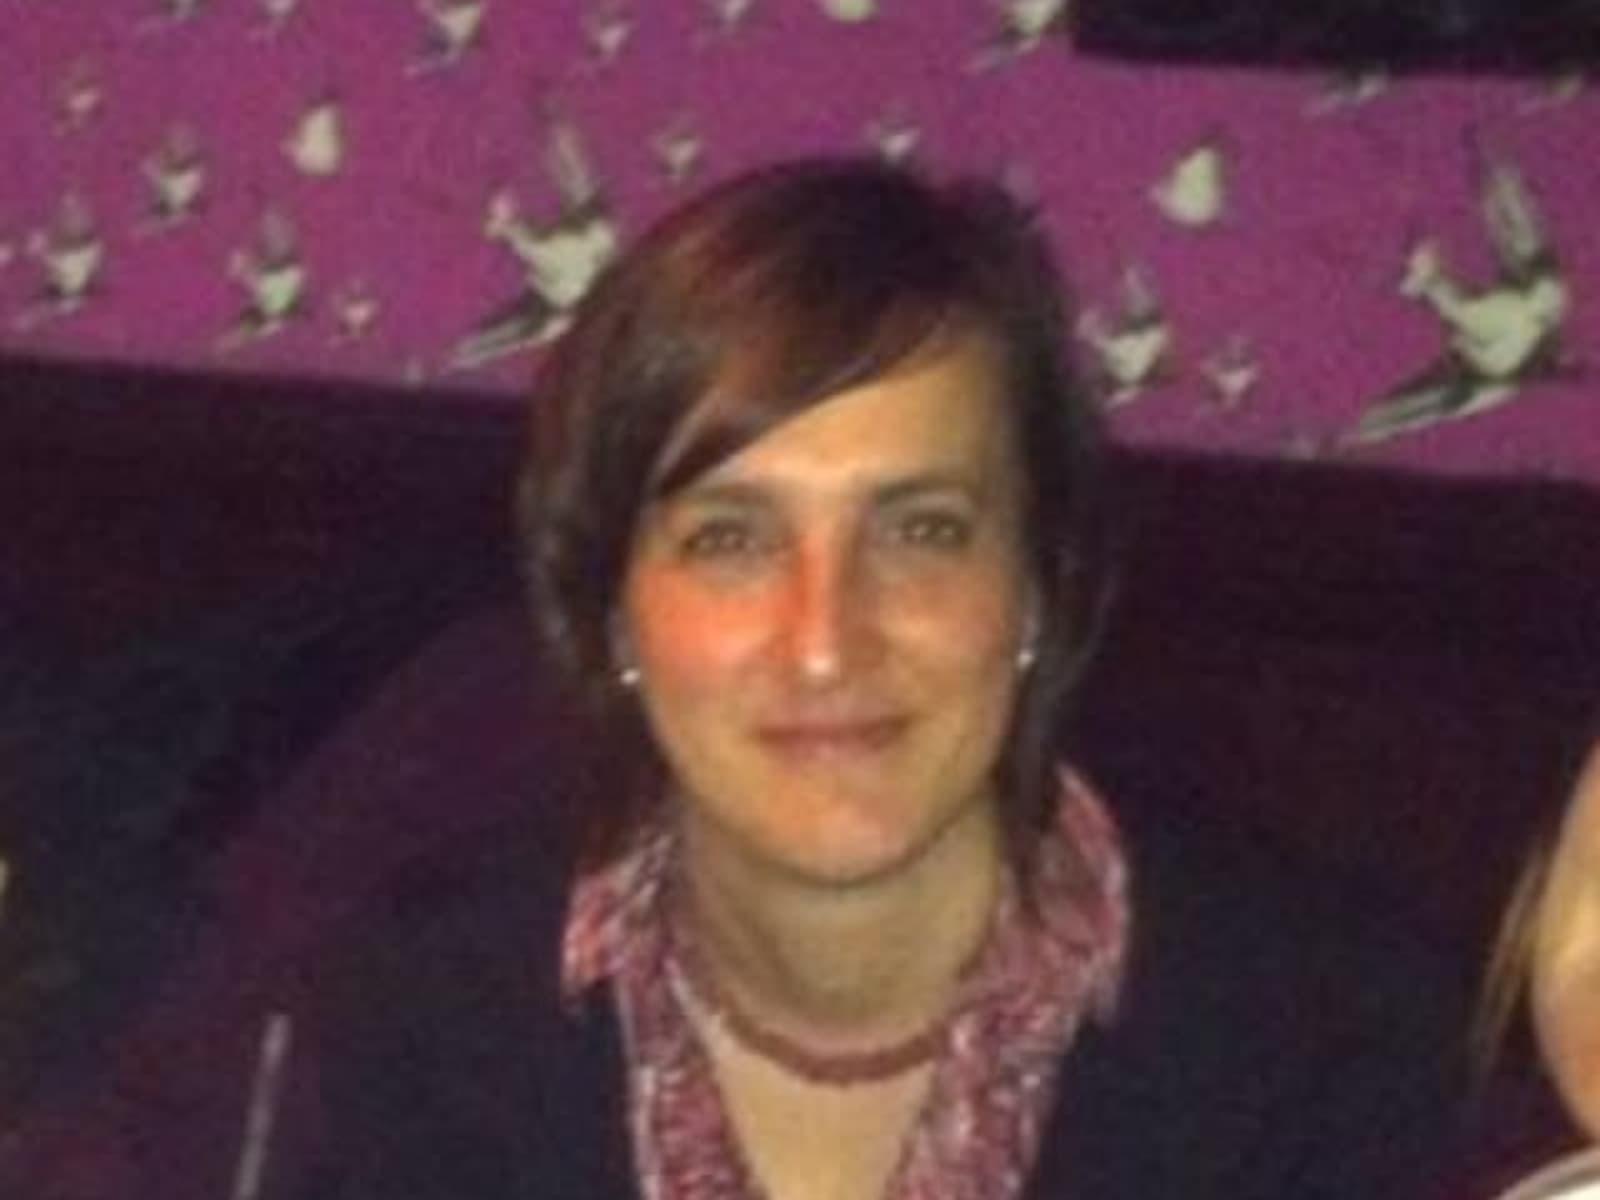 Freda from London, United Kingdom